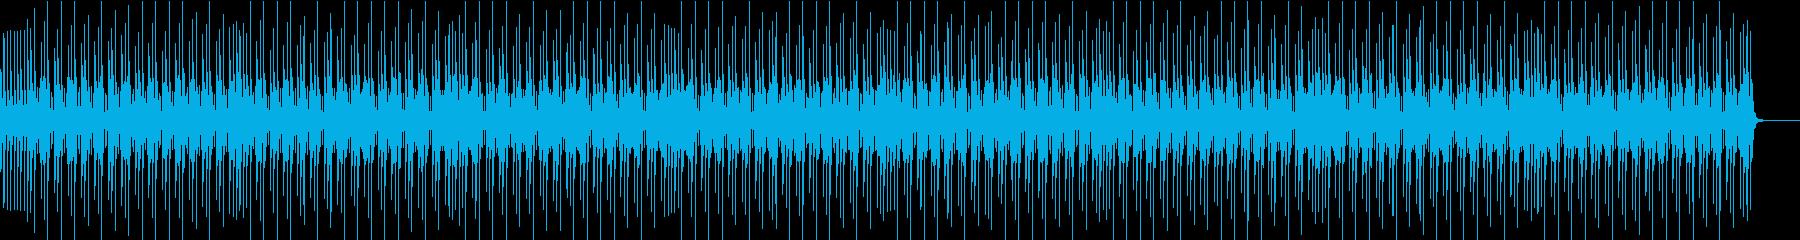 サイファービート8の再生済みの波形